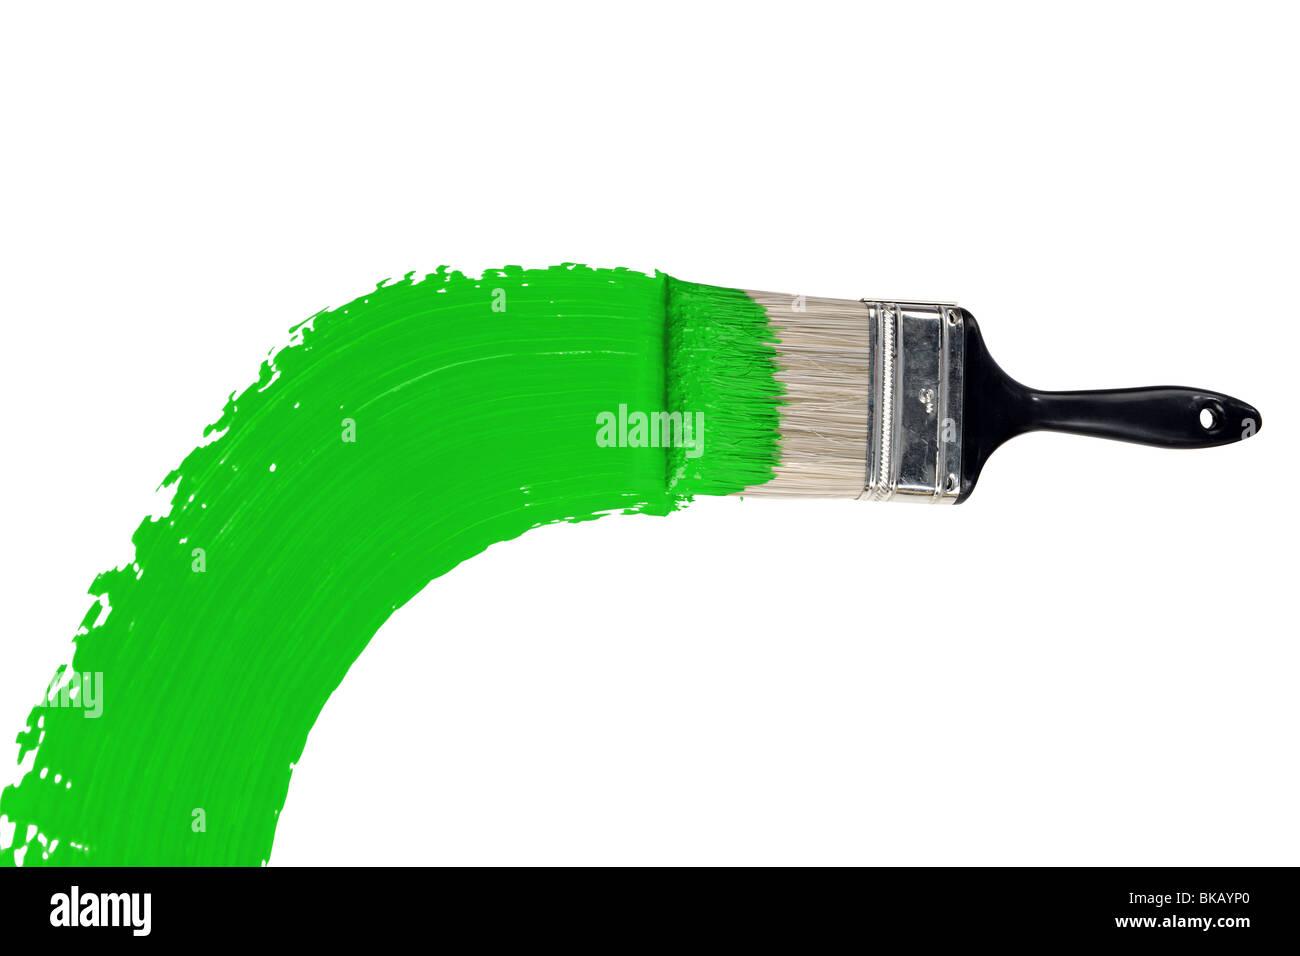 Spazzola con della vernice verde isolato su sfondo bianco Immagini Stock